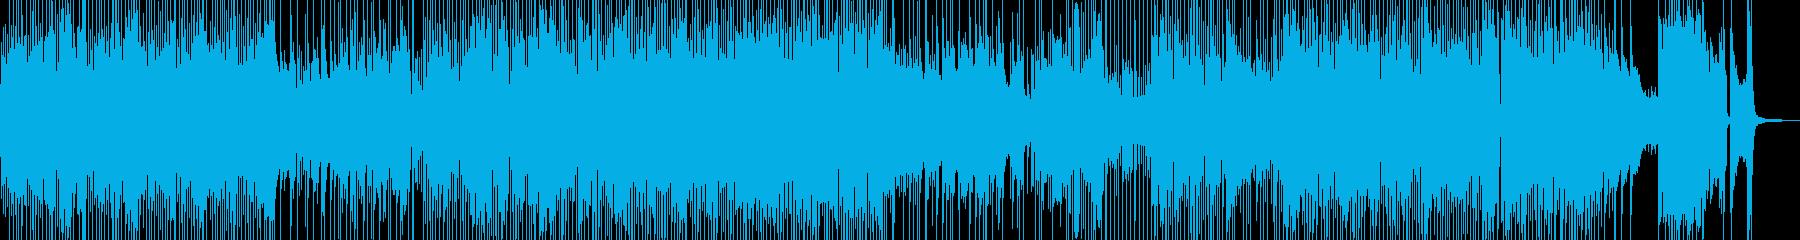 軽快・喜劇的なカントリーポップ 短尺の再生済みの波形